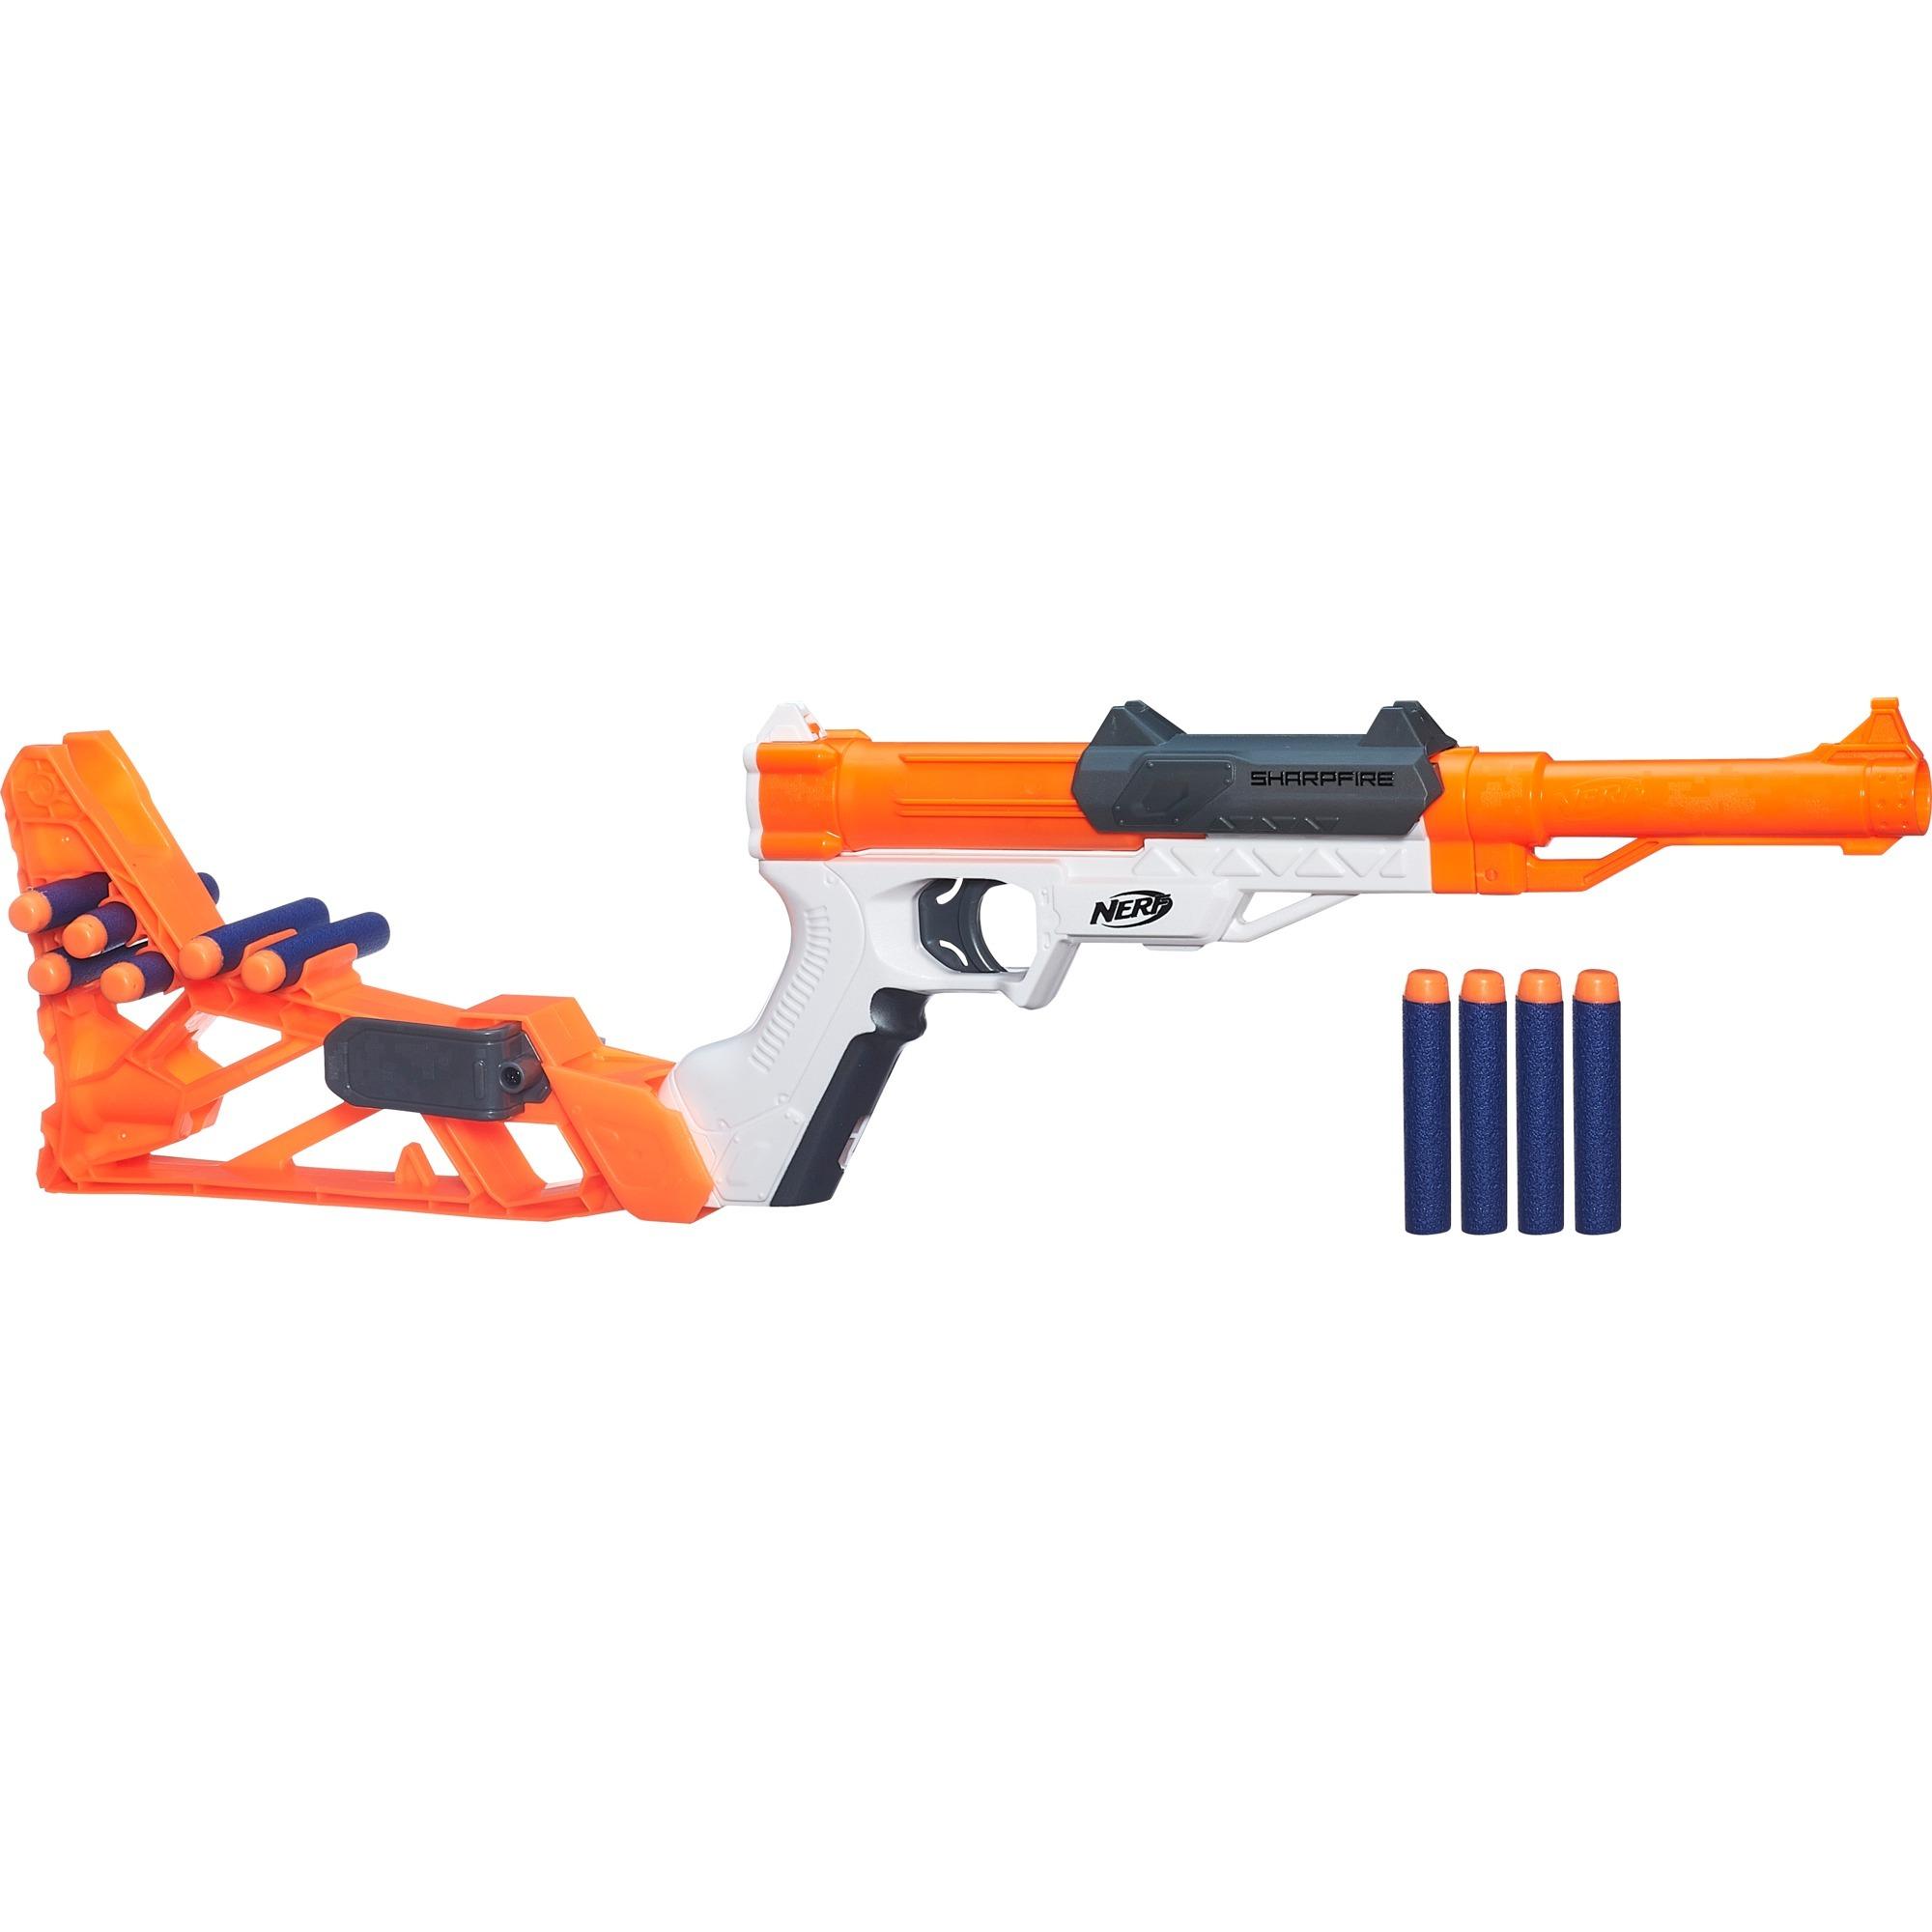 A9315 Pistola de juguete, Pistola Nerf